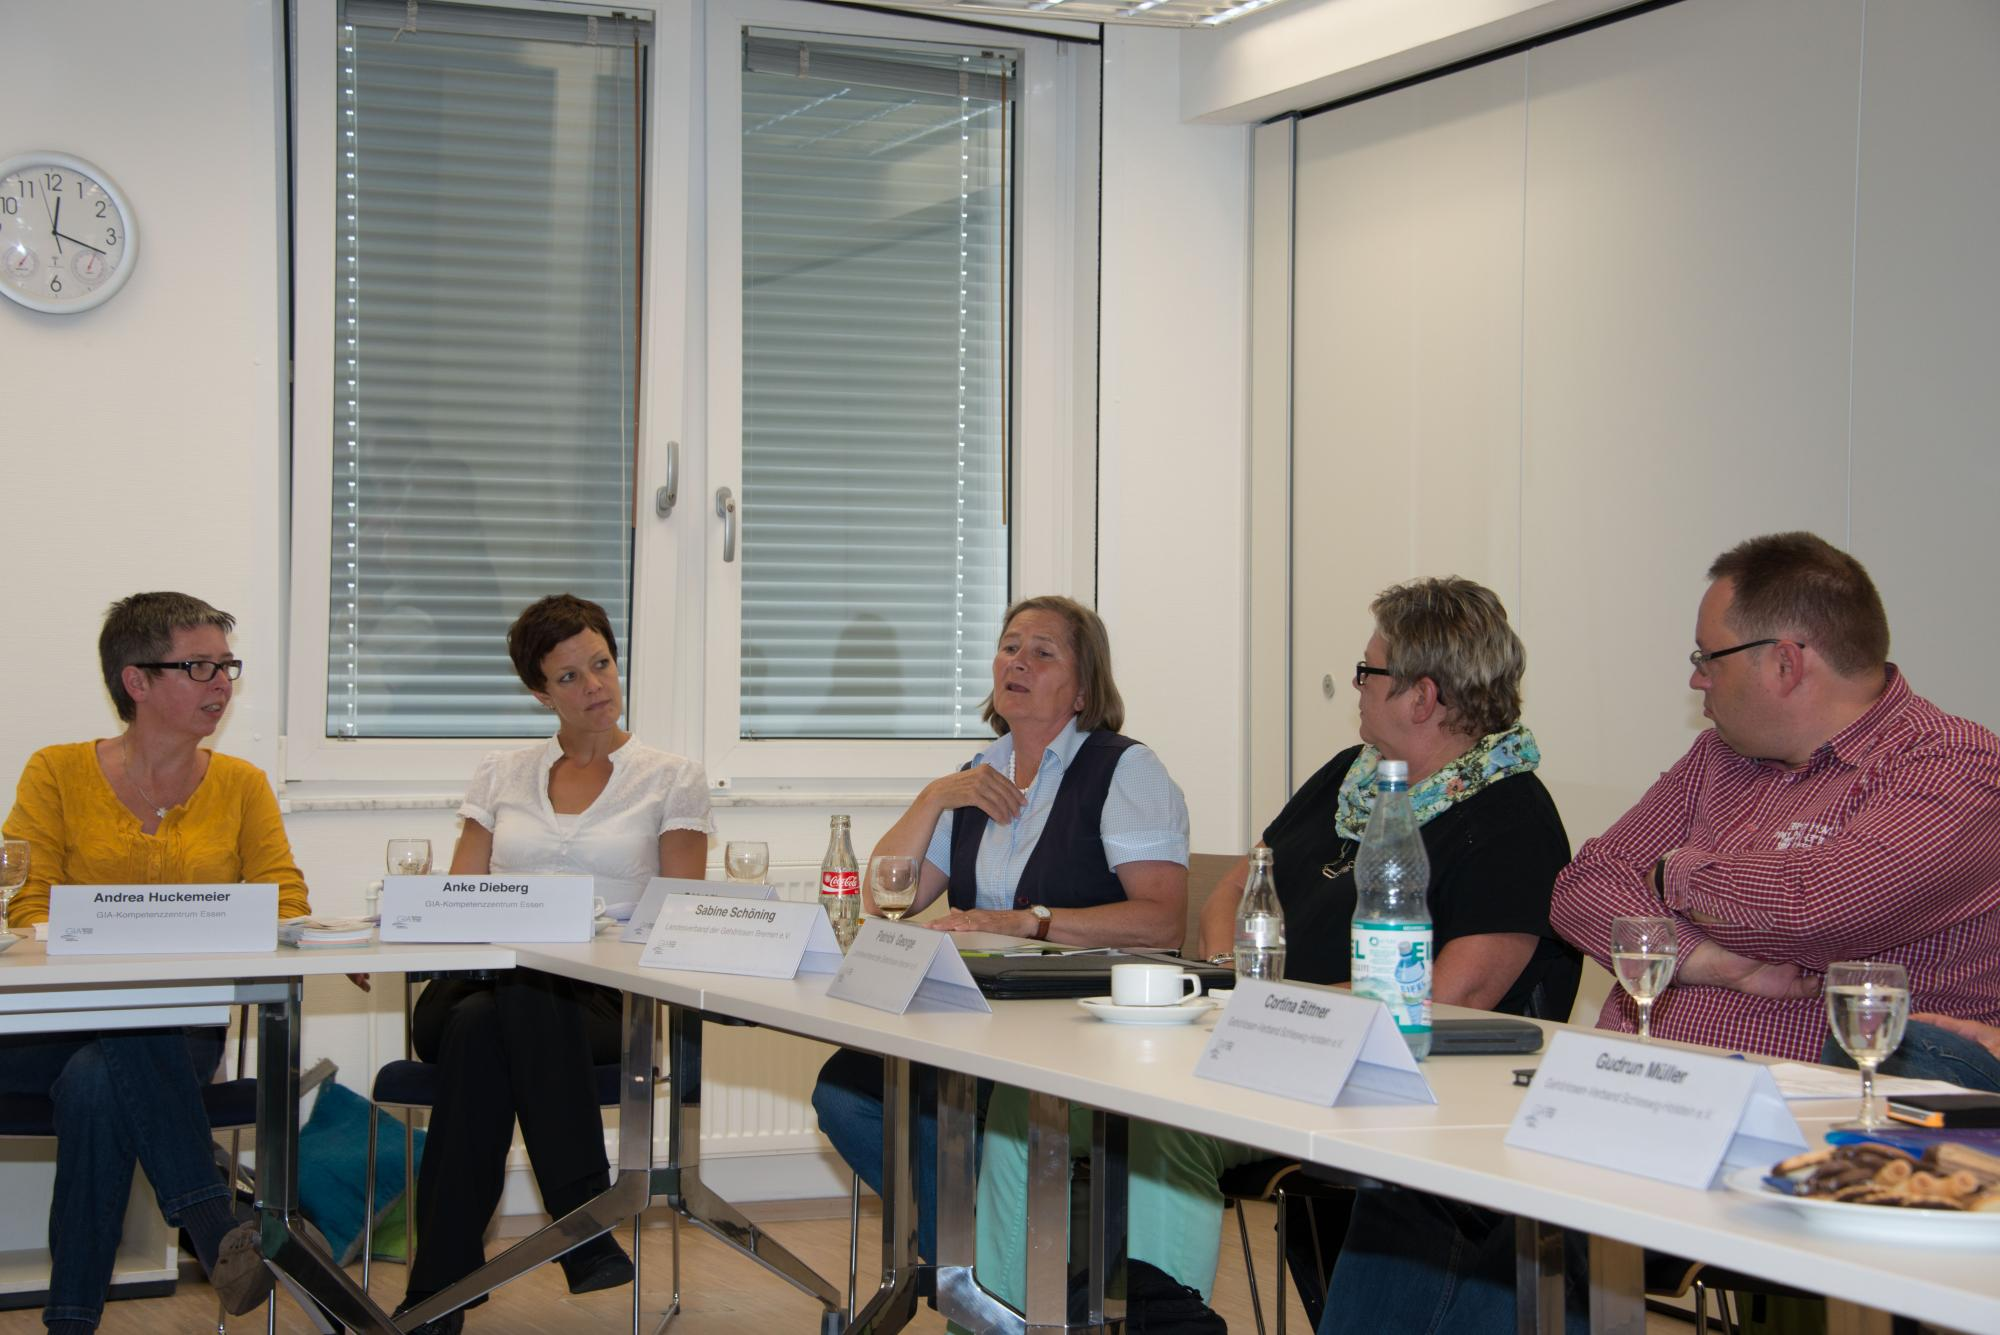 Andrea Huckemeier, Anke Dieberg, Edda Lührs, Sabine Schöning und Patrick George